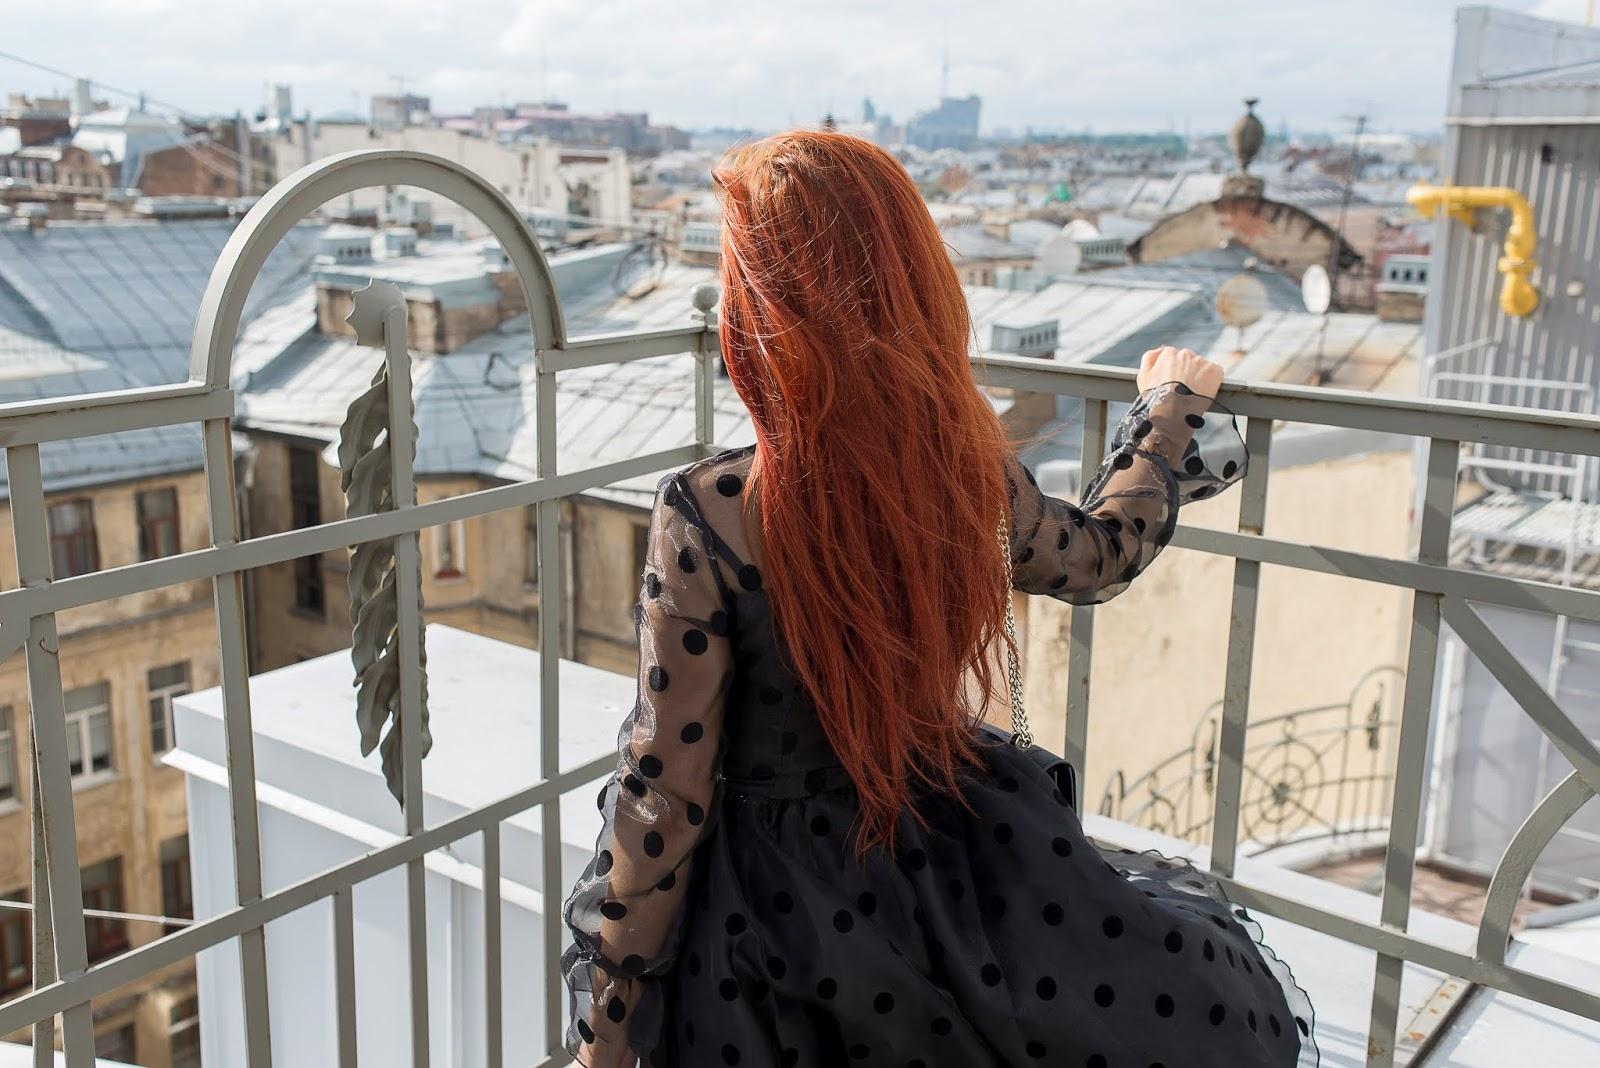 http://www.recklessdiary.ru/2018/09/Demetra-art-hotel-otzyvy-devichnik-v-Sankt-Peterburge-otkrytye-kryshi-obzornye-ploshchadki-2018.html